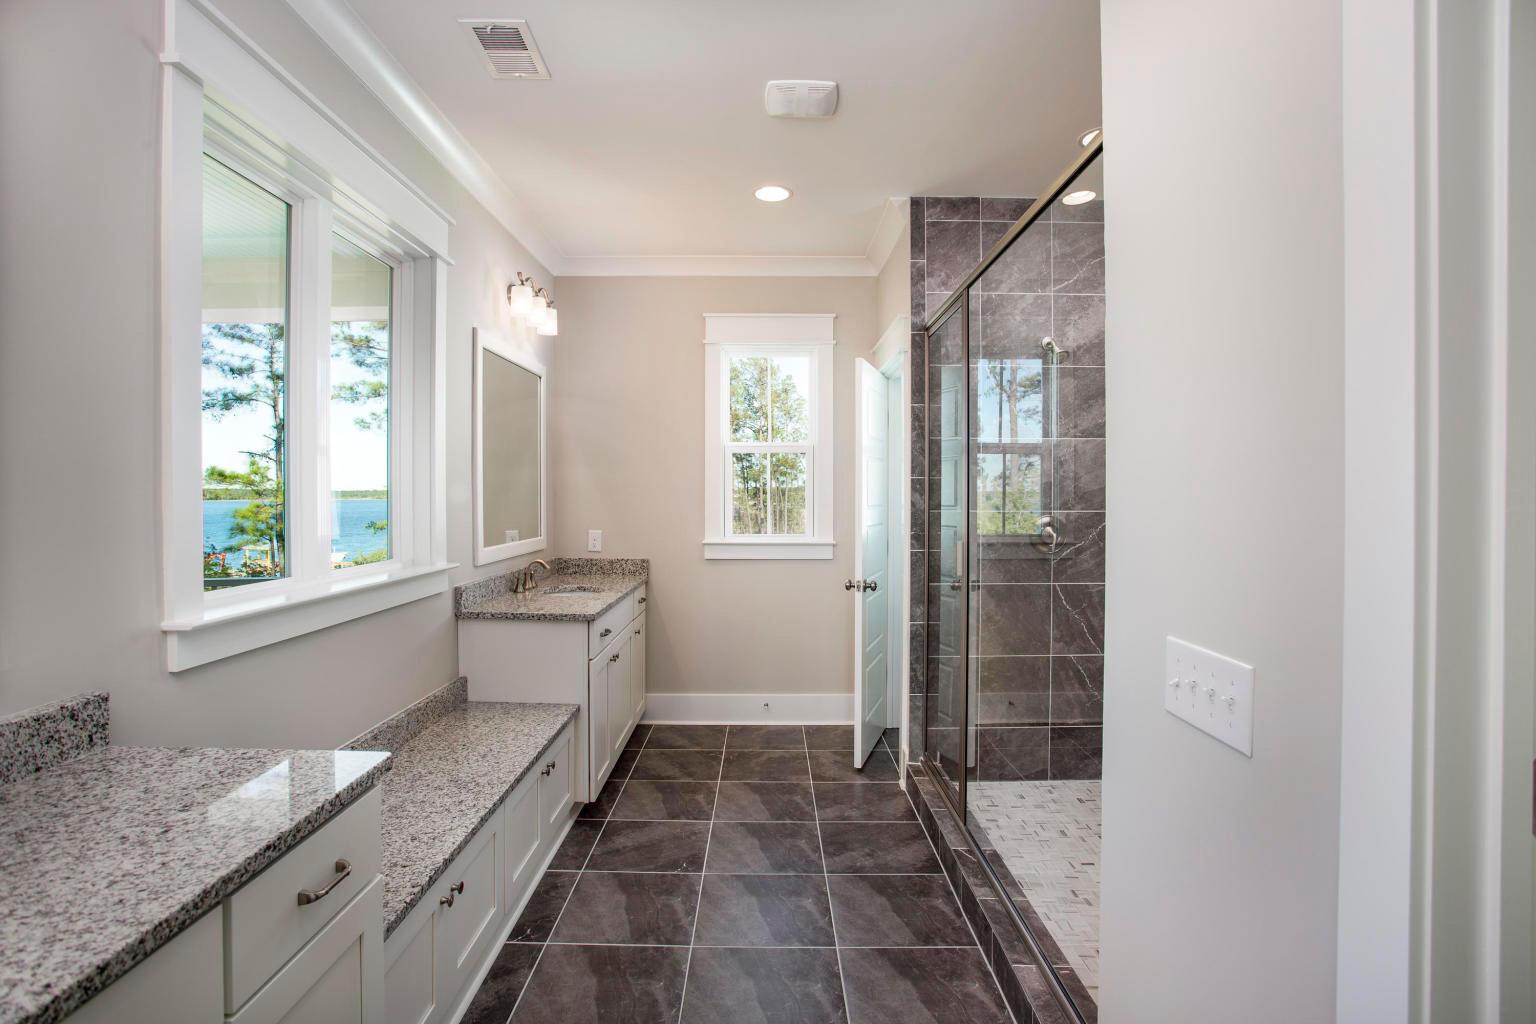 Dunes West Homes For Sale - 2892 River Vista Way, Mount Pleasant, SC - 4